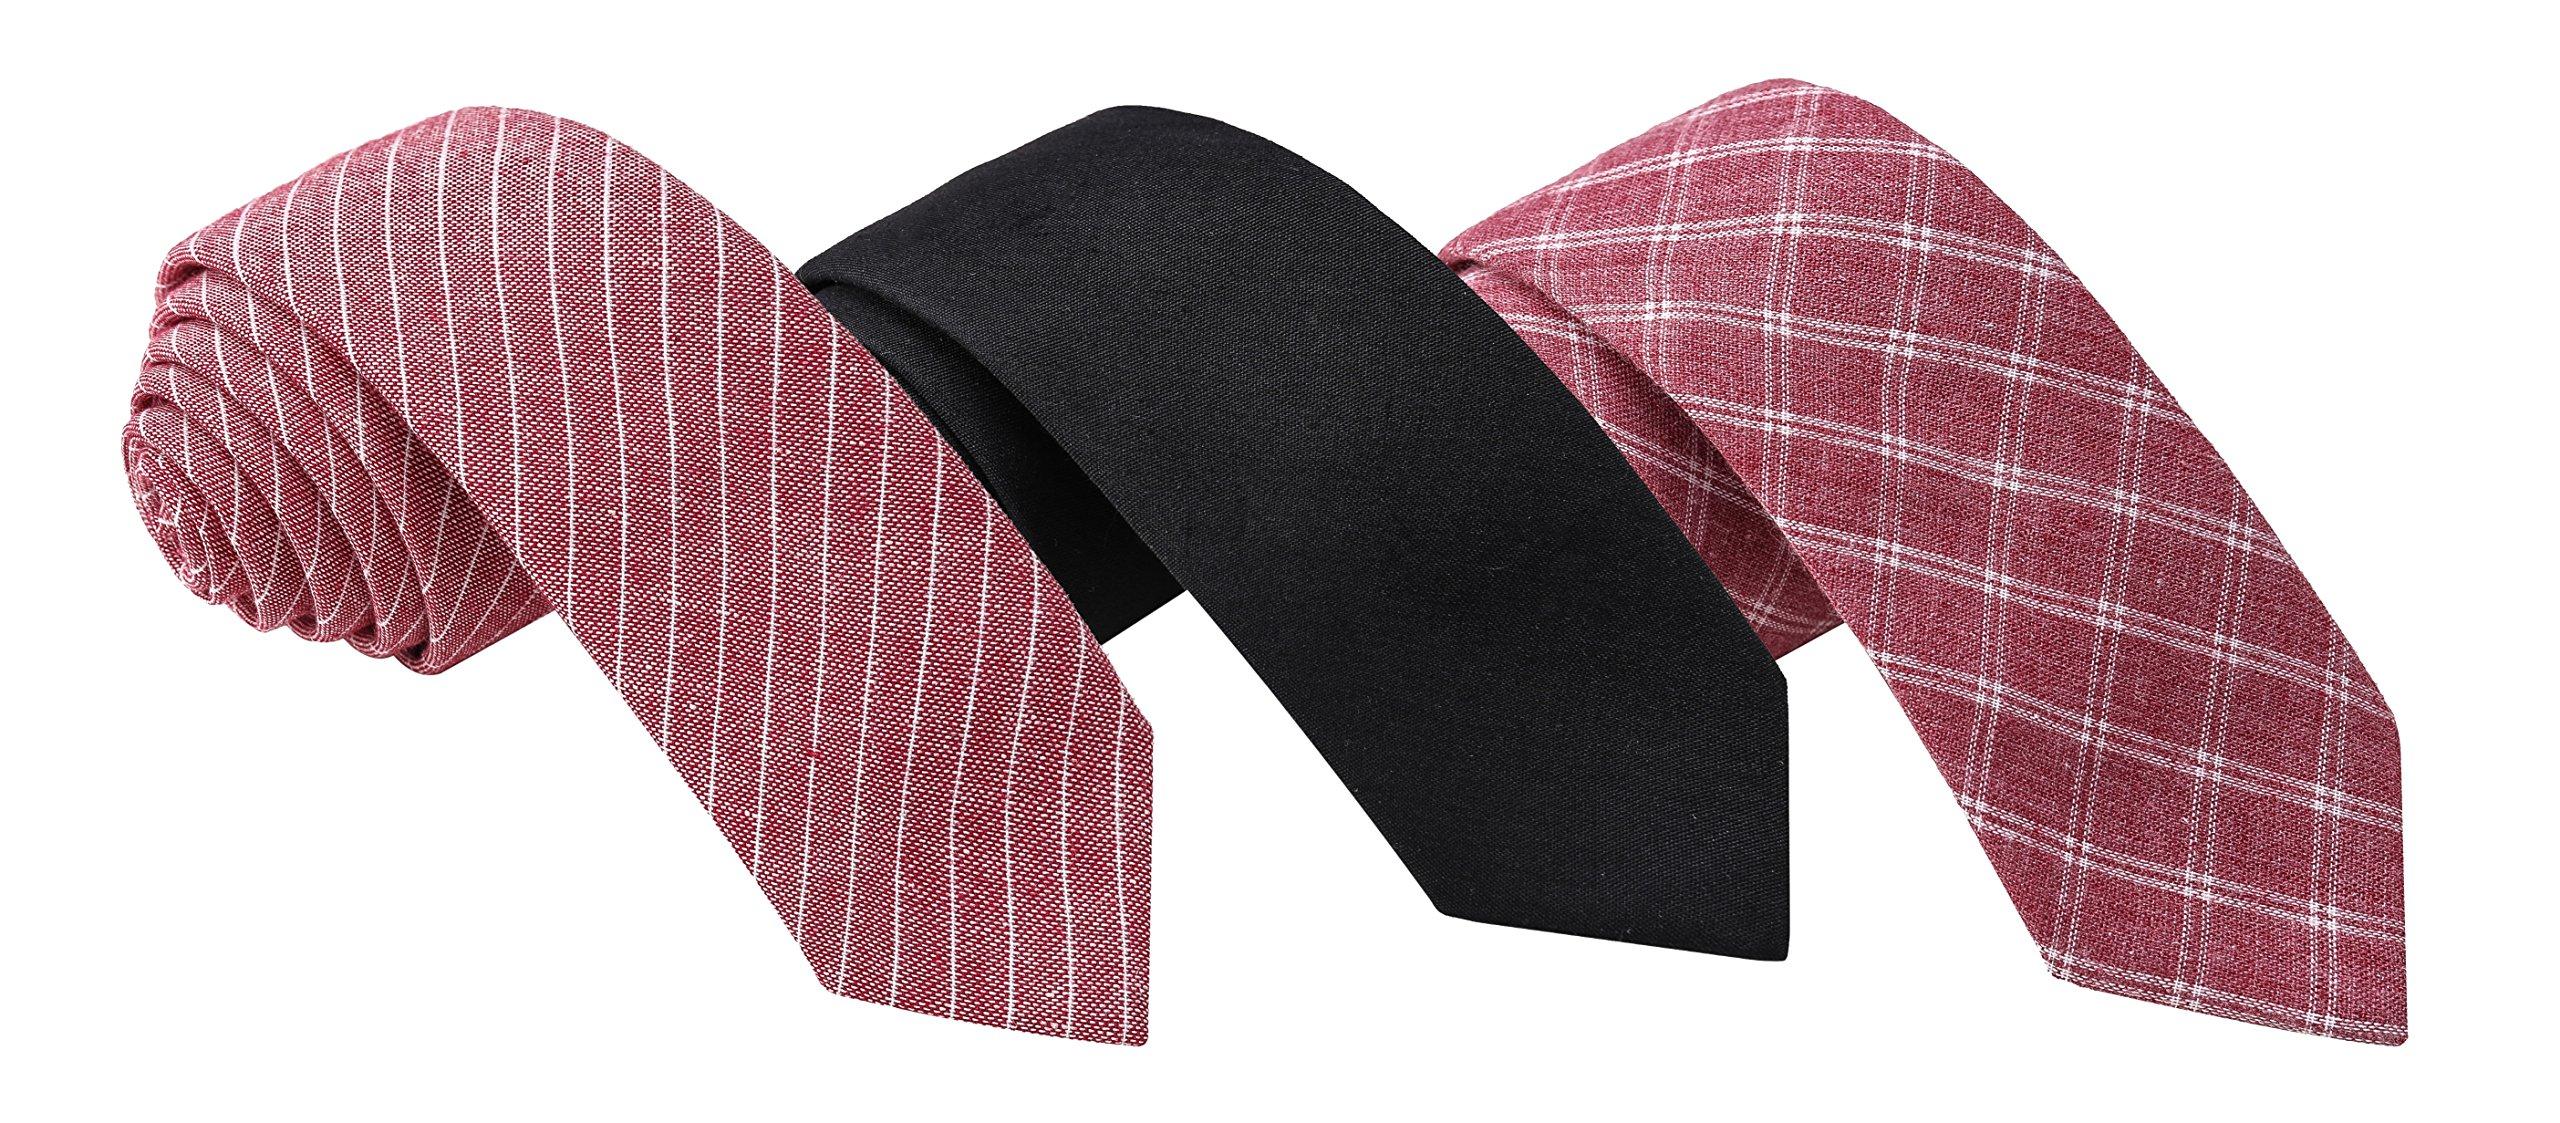 Skinny Tie Madness Black & Red Bundle of 3, 2'' Skinny Ties - Black skinny ties - red skinny ties - cotton skinny ties - skinny tie set